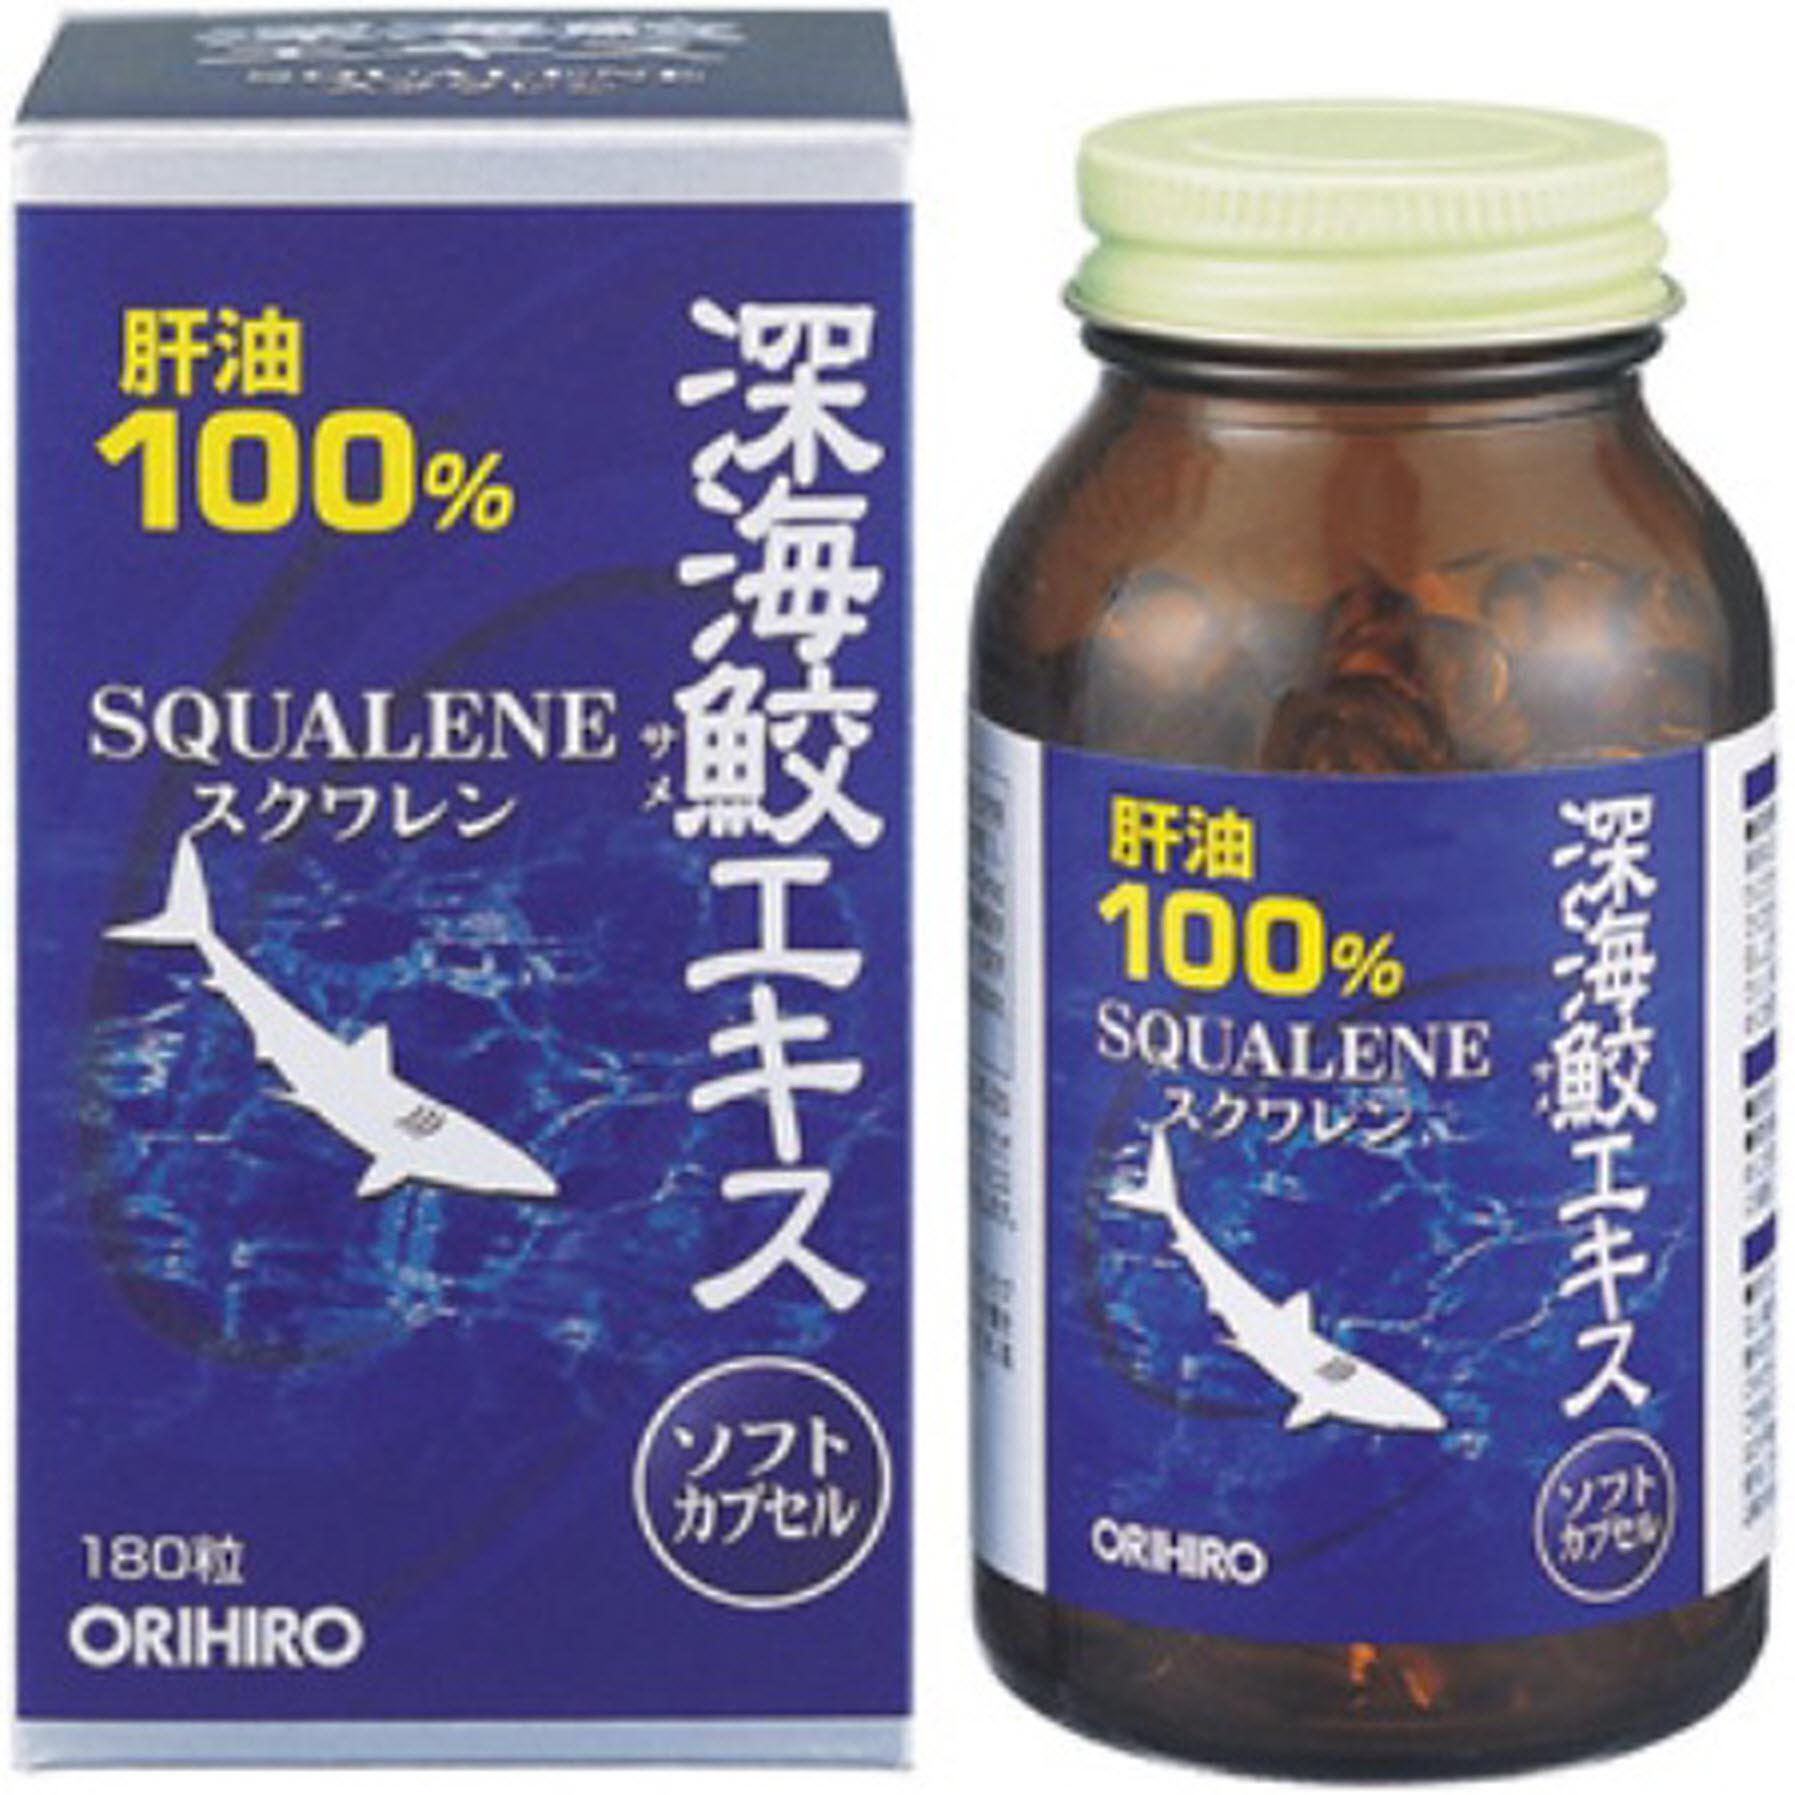 Squalene Orihiro